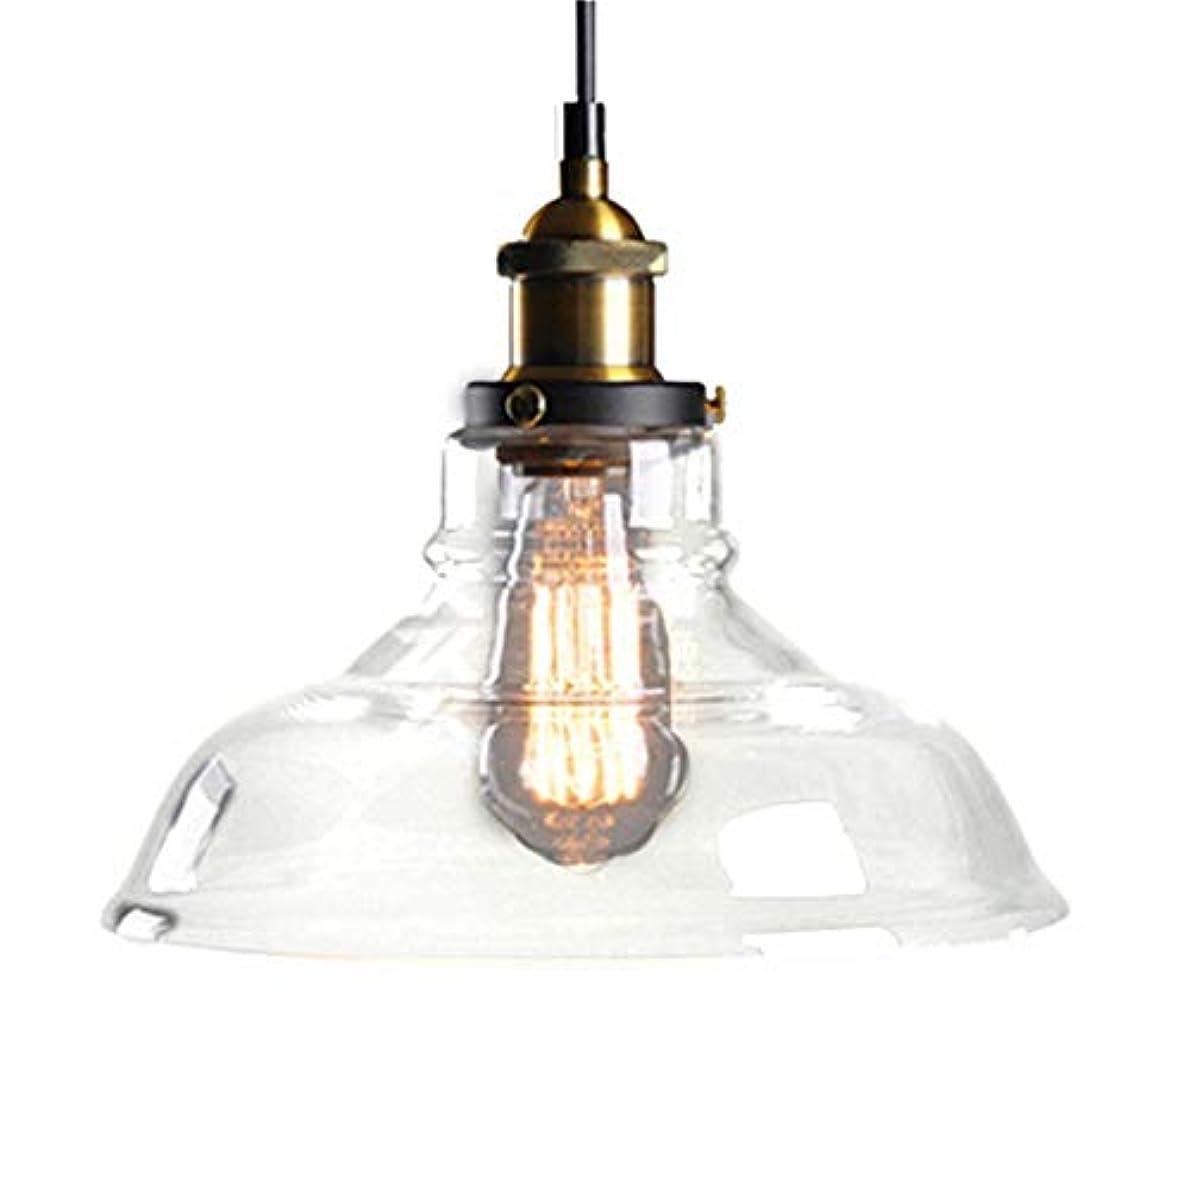 心のこもった自信があるが欲しい北ヨーロッパおよびアメリカ様式の農村産業風の創造的な単一のヘッドガラスランプシェード